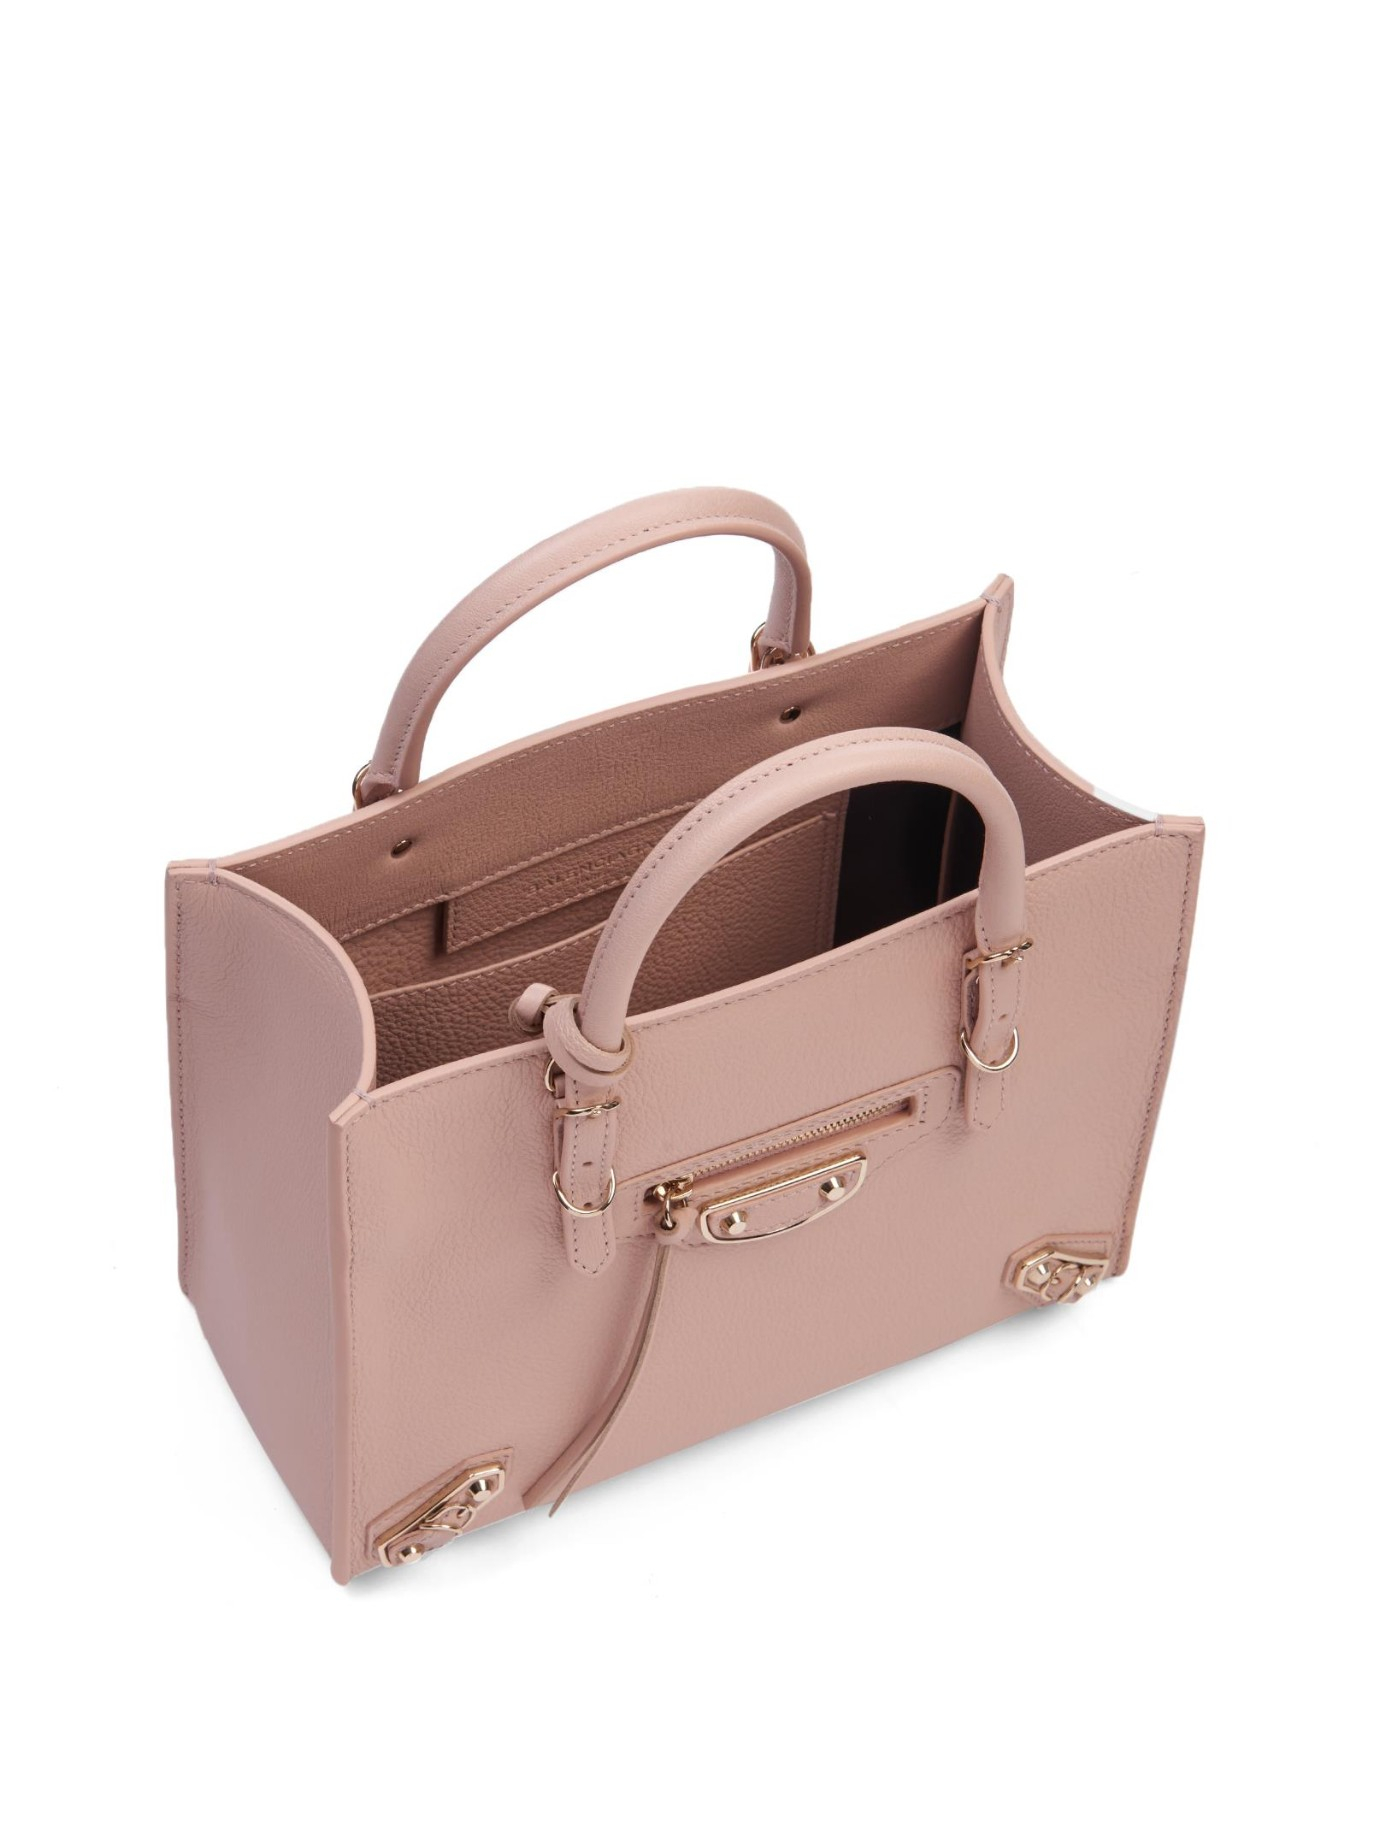 Balenciaga Mini Papier Pink Suede